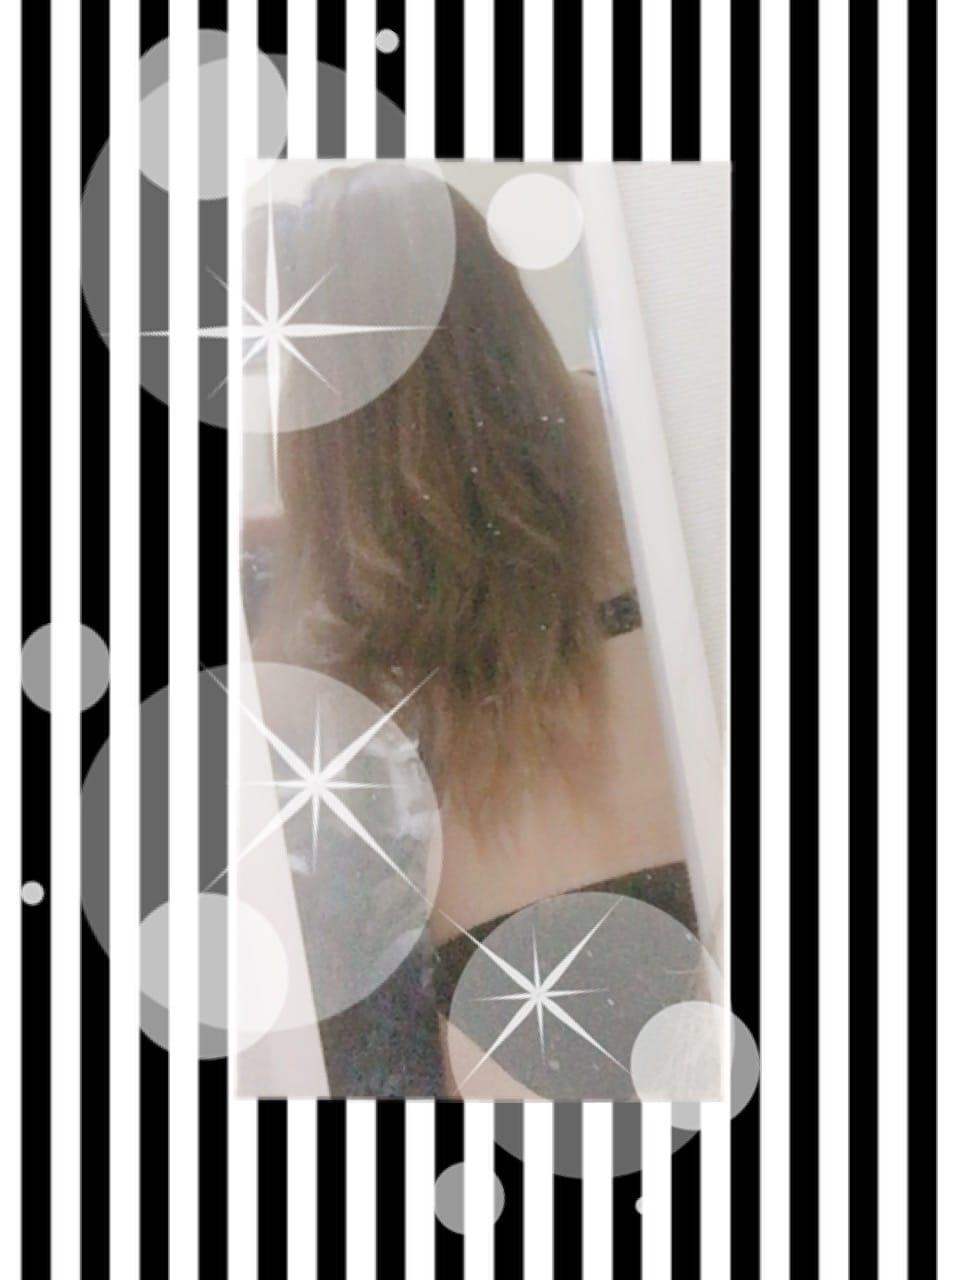 「お礼(୨୧•͈ᴗ•͈)◞ᵗʱᵃᵑᵏઽ*♡」02/06(02/06) 03:47 | ひろみの写メ・風俗動画